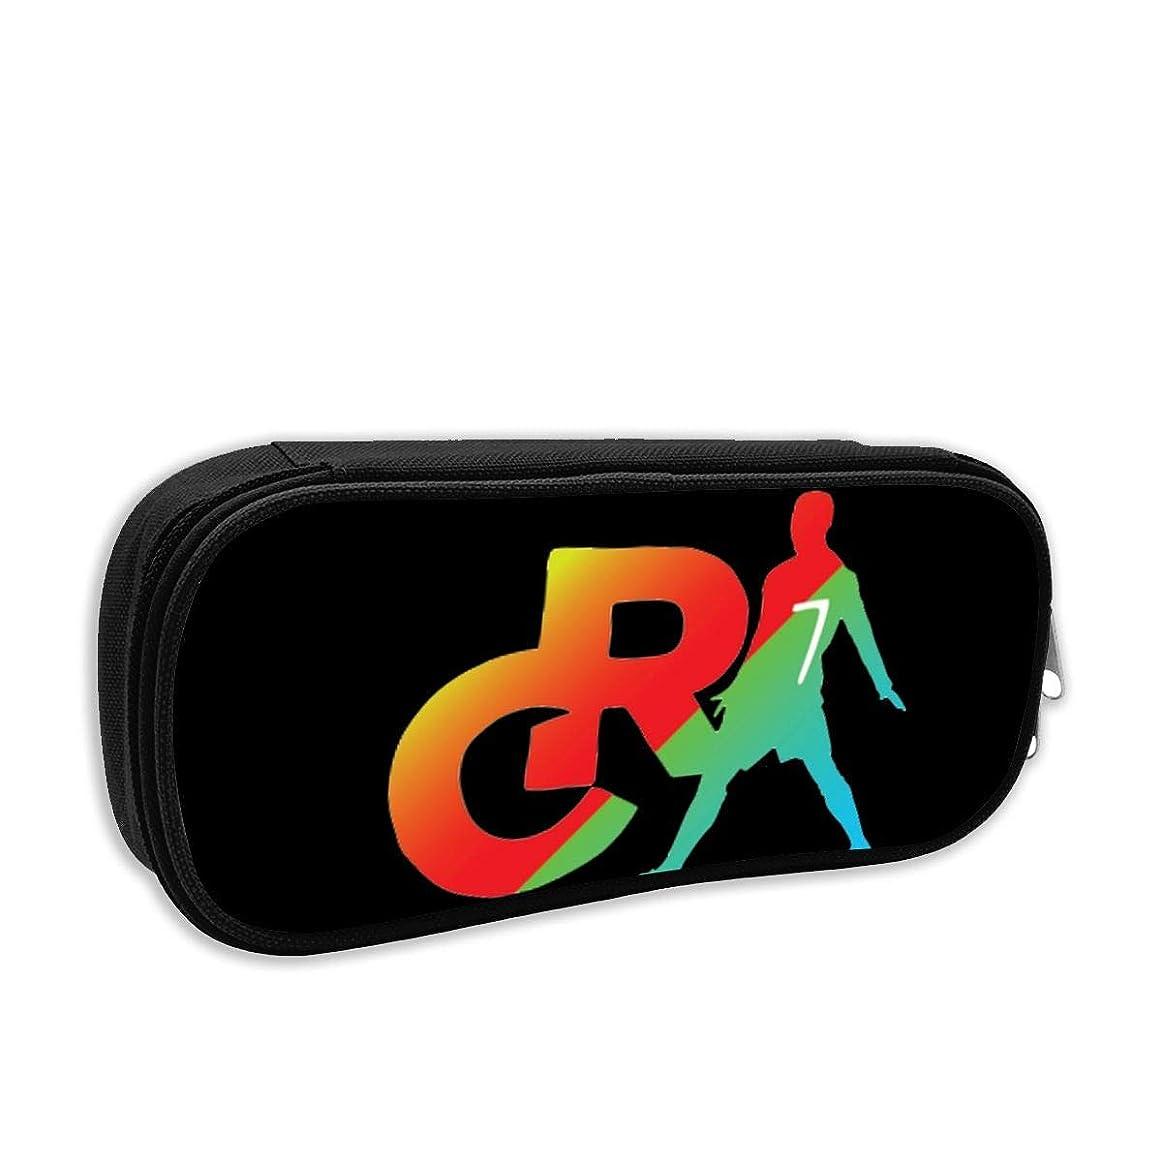 熱意左自分のためにCR7 Logo 筆箱 ペン立て大容量 ペンを包んで 多機能 文具収納 文具ケース Black